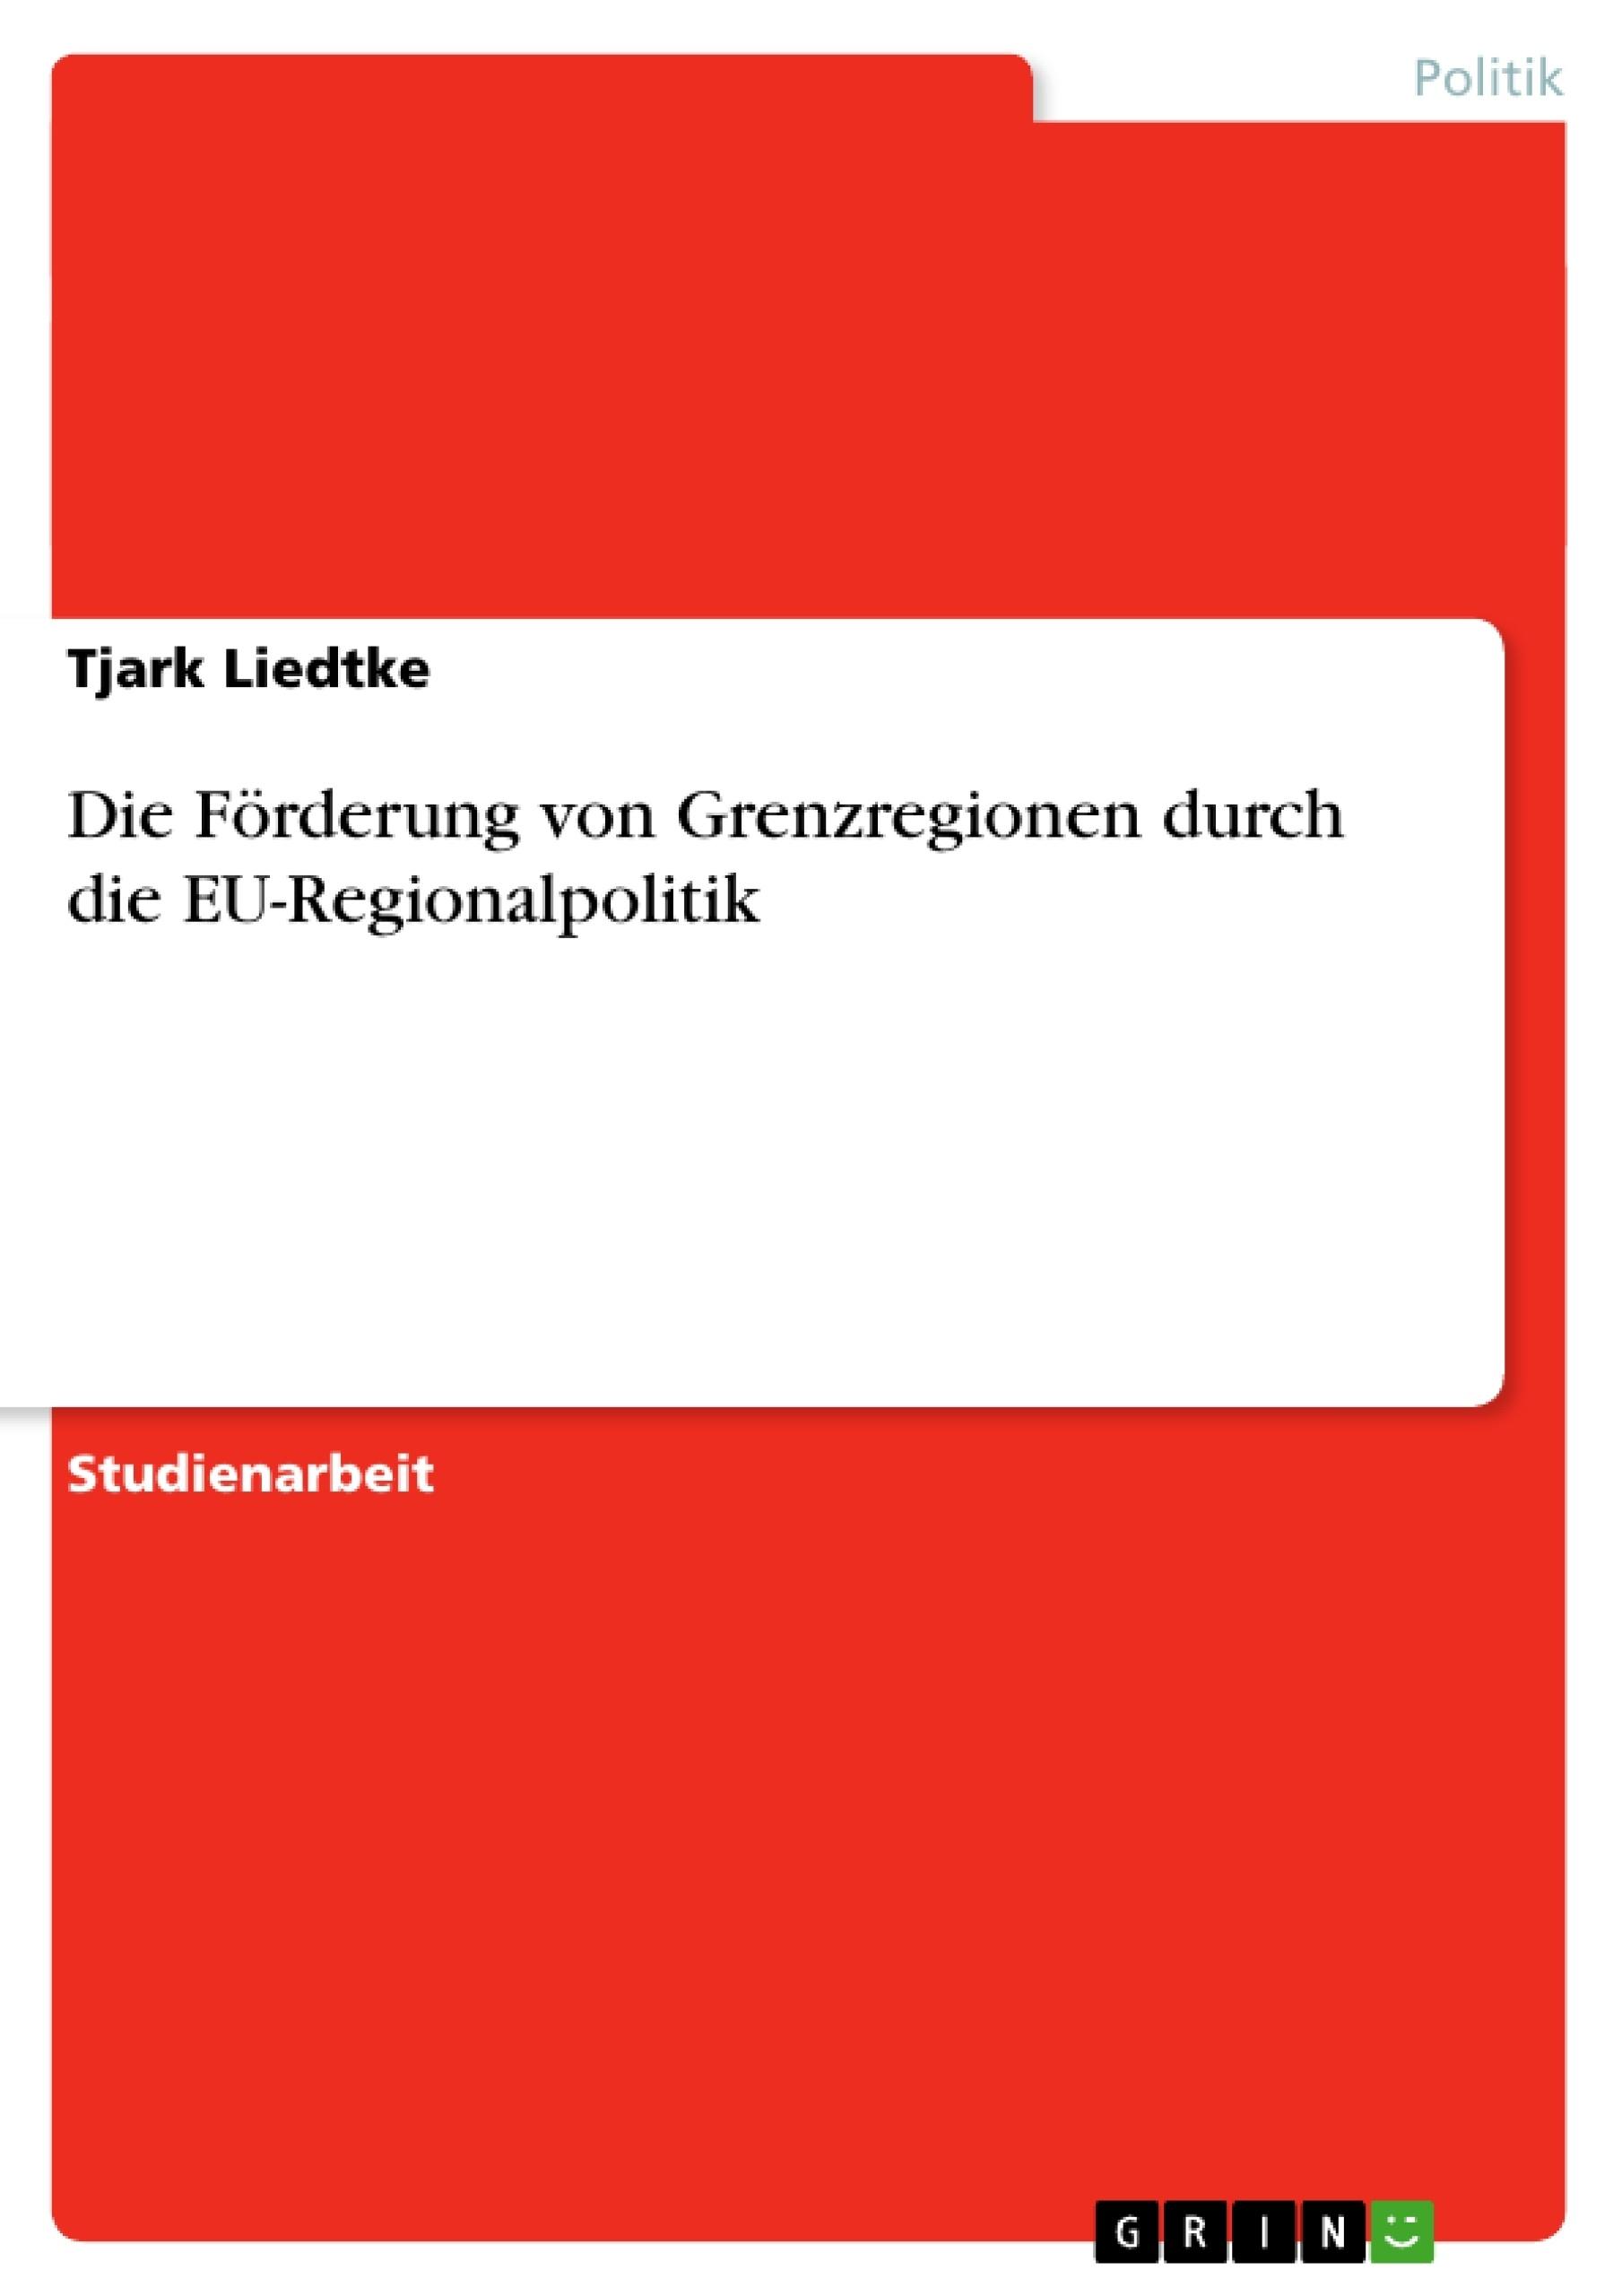 Titel: Die Förderung von Grenzregionen durch die EU-Regionalpolitik